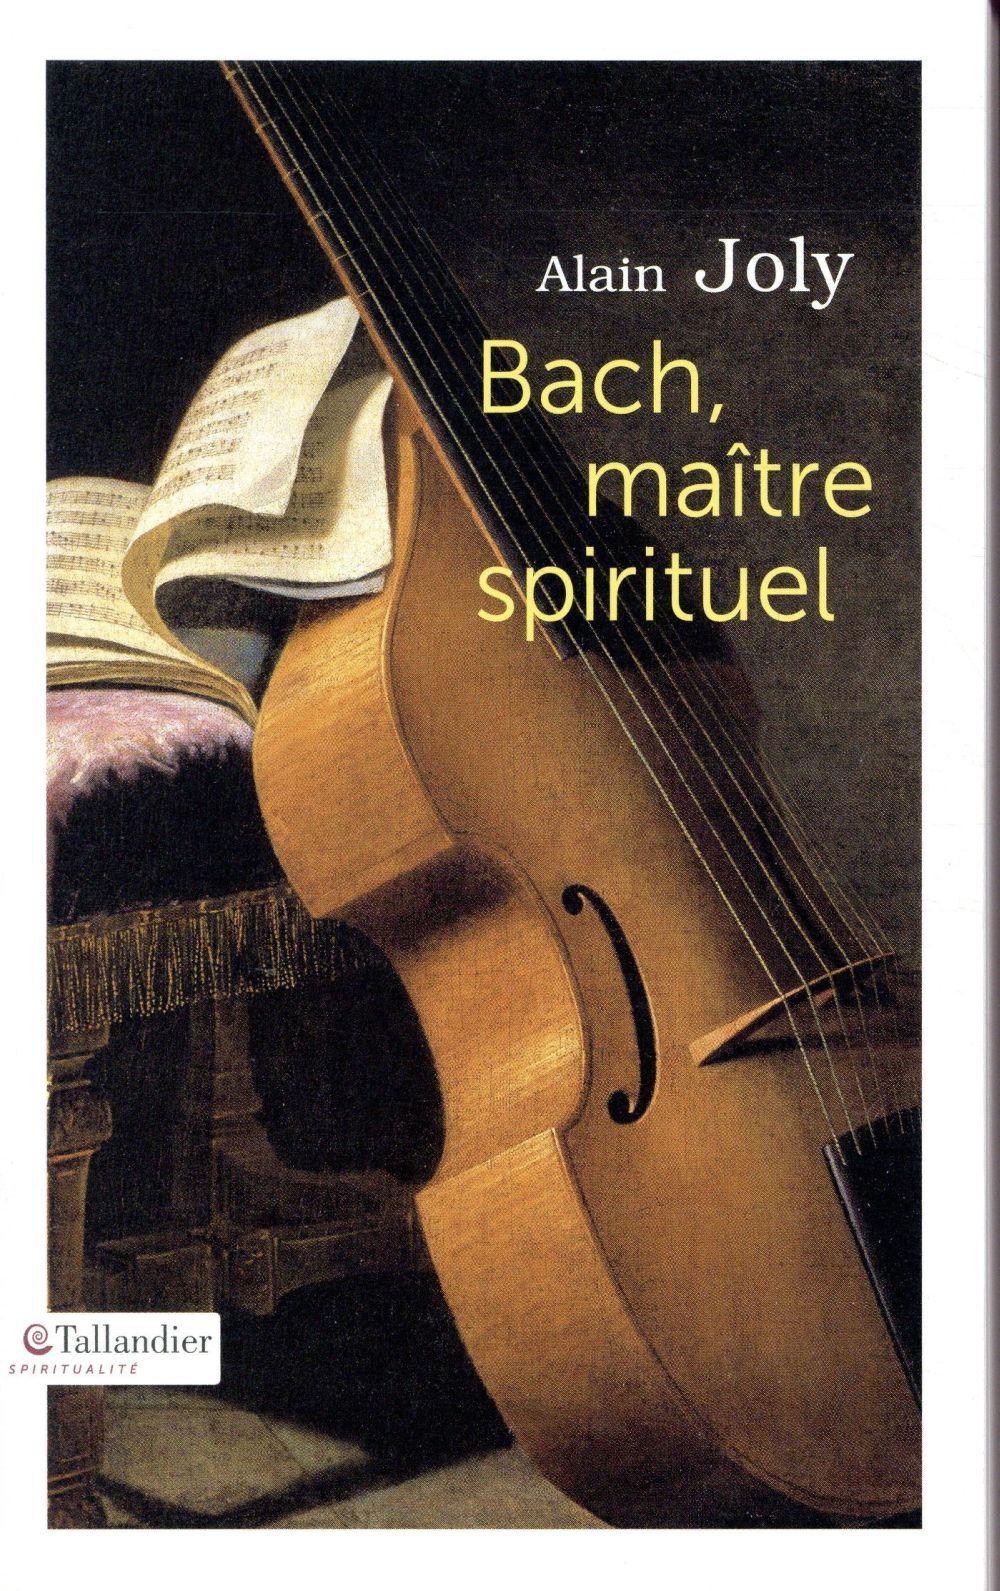 BACH MAITRE SPIRITUEL JOLY ALAIN TALLANDIER